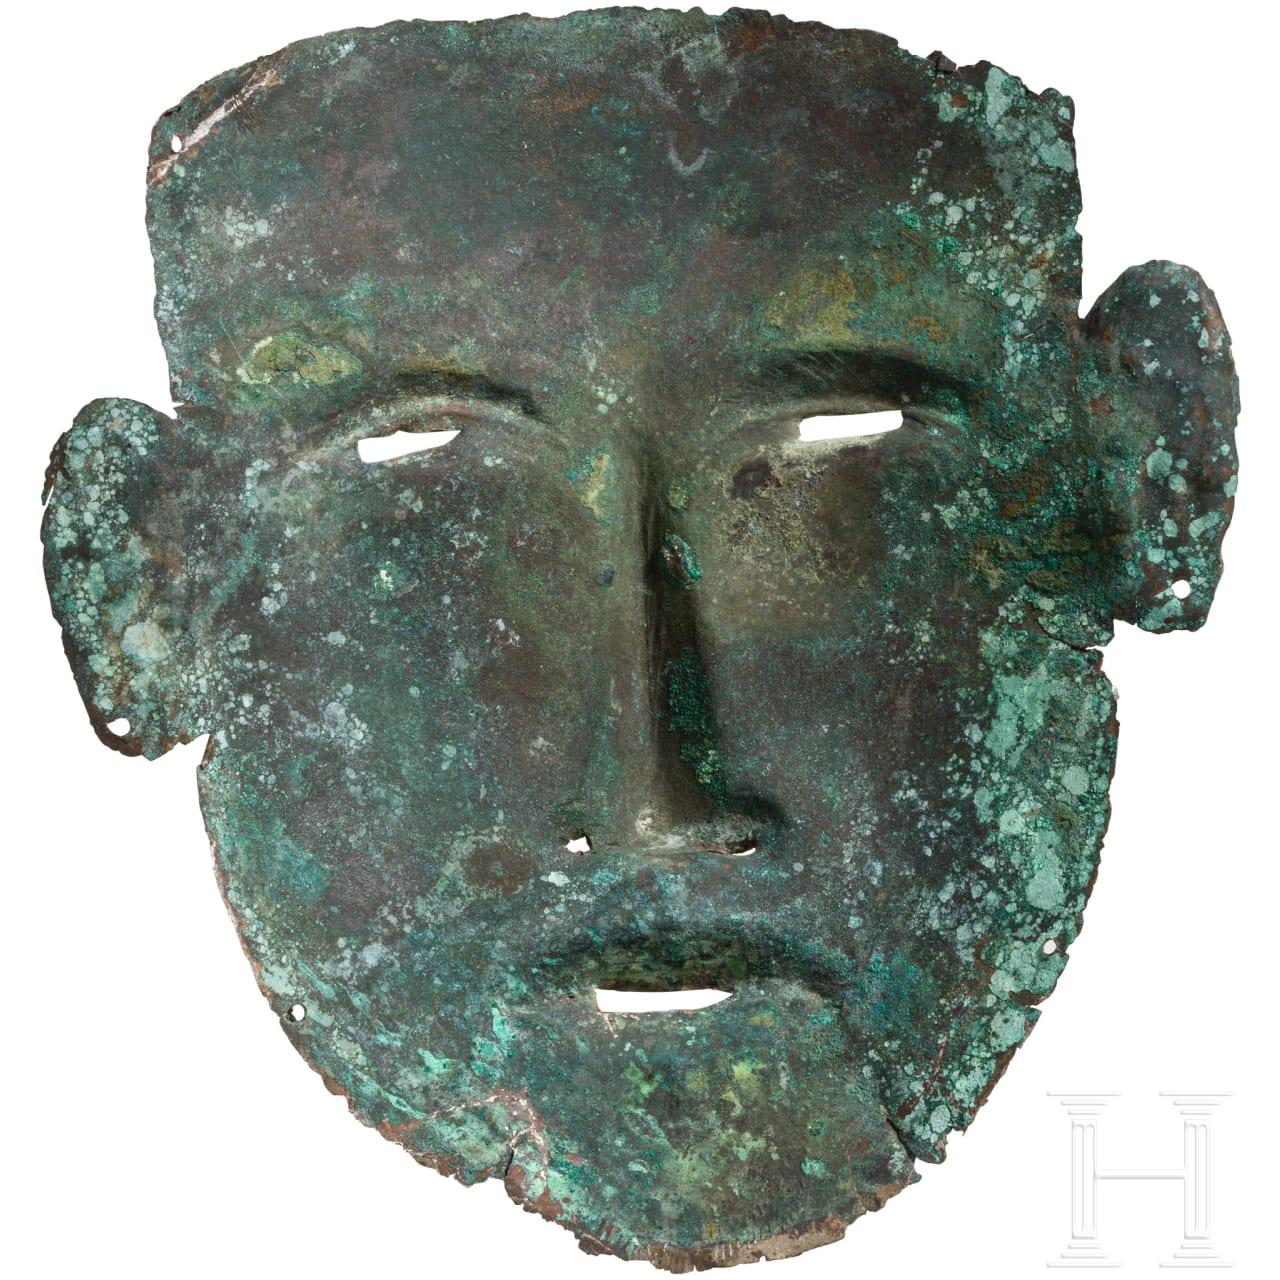 Bronzene Totenmaske, frühe Eisenzeit Südosteuropas, ca. 6. Jhdt. v. Chr.